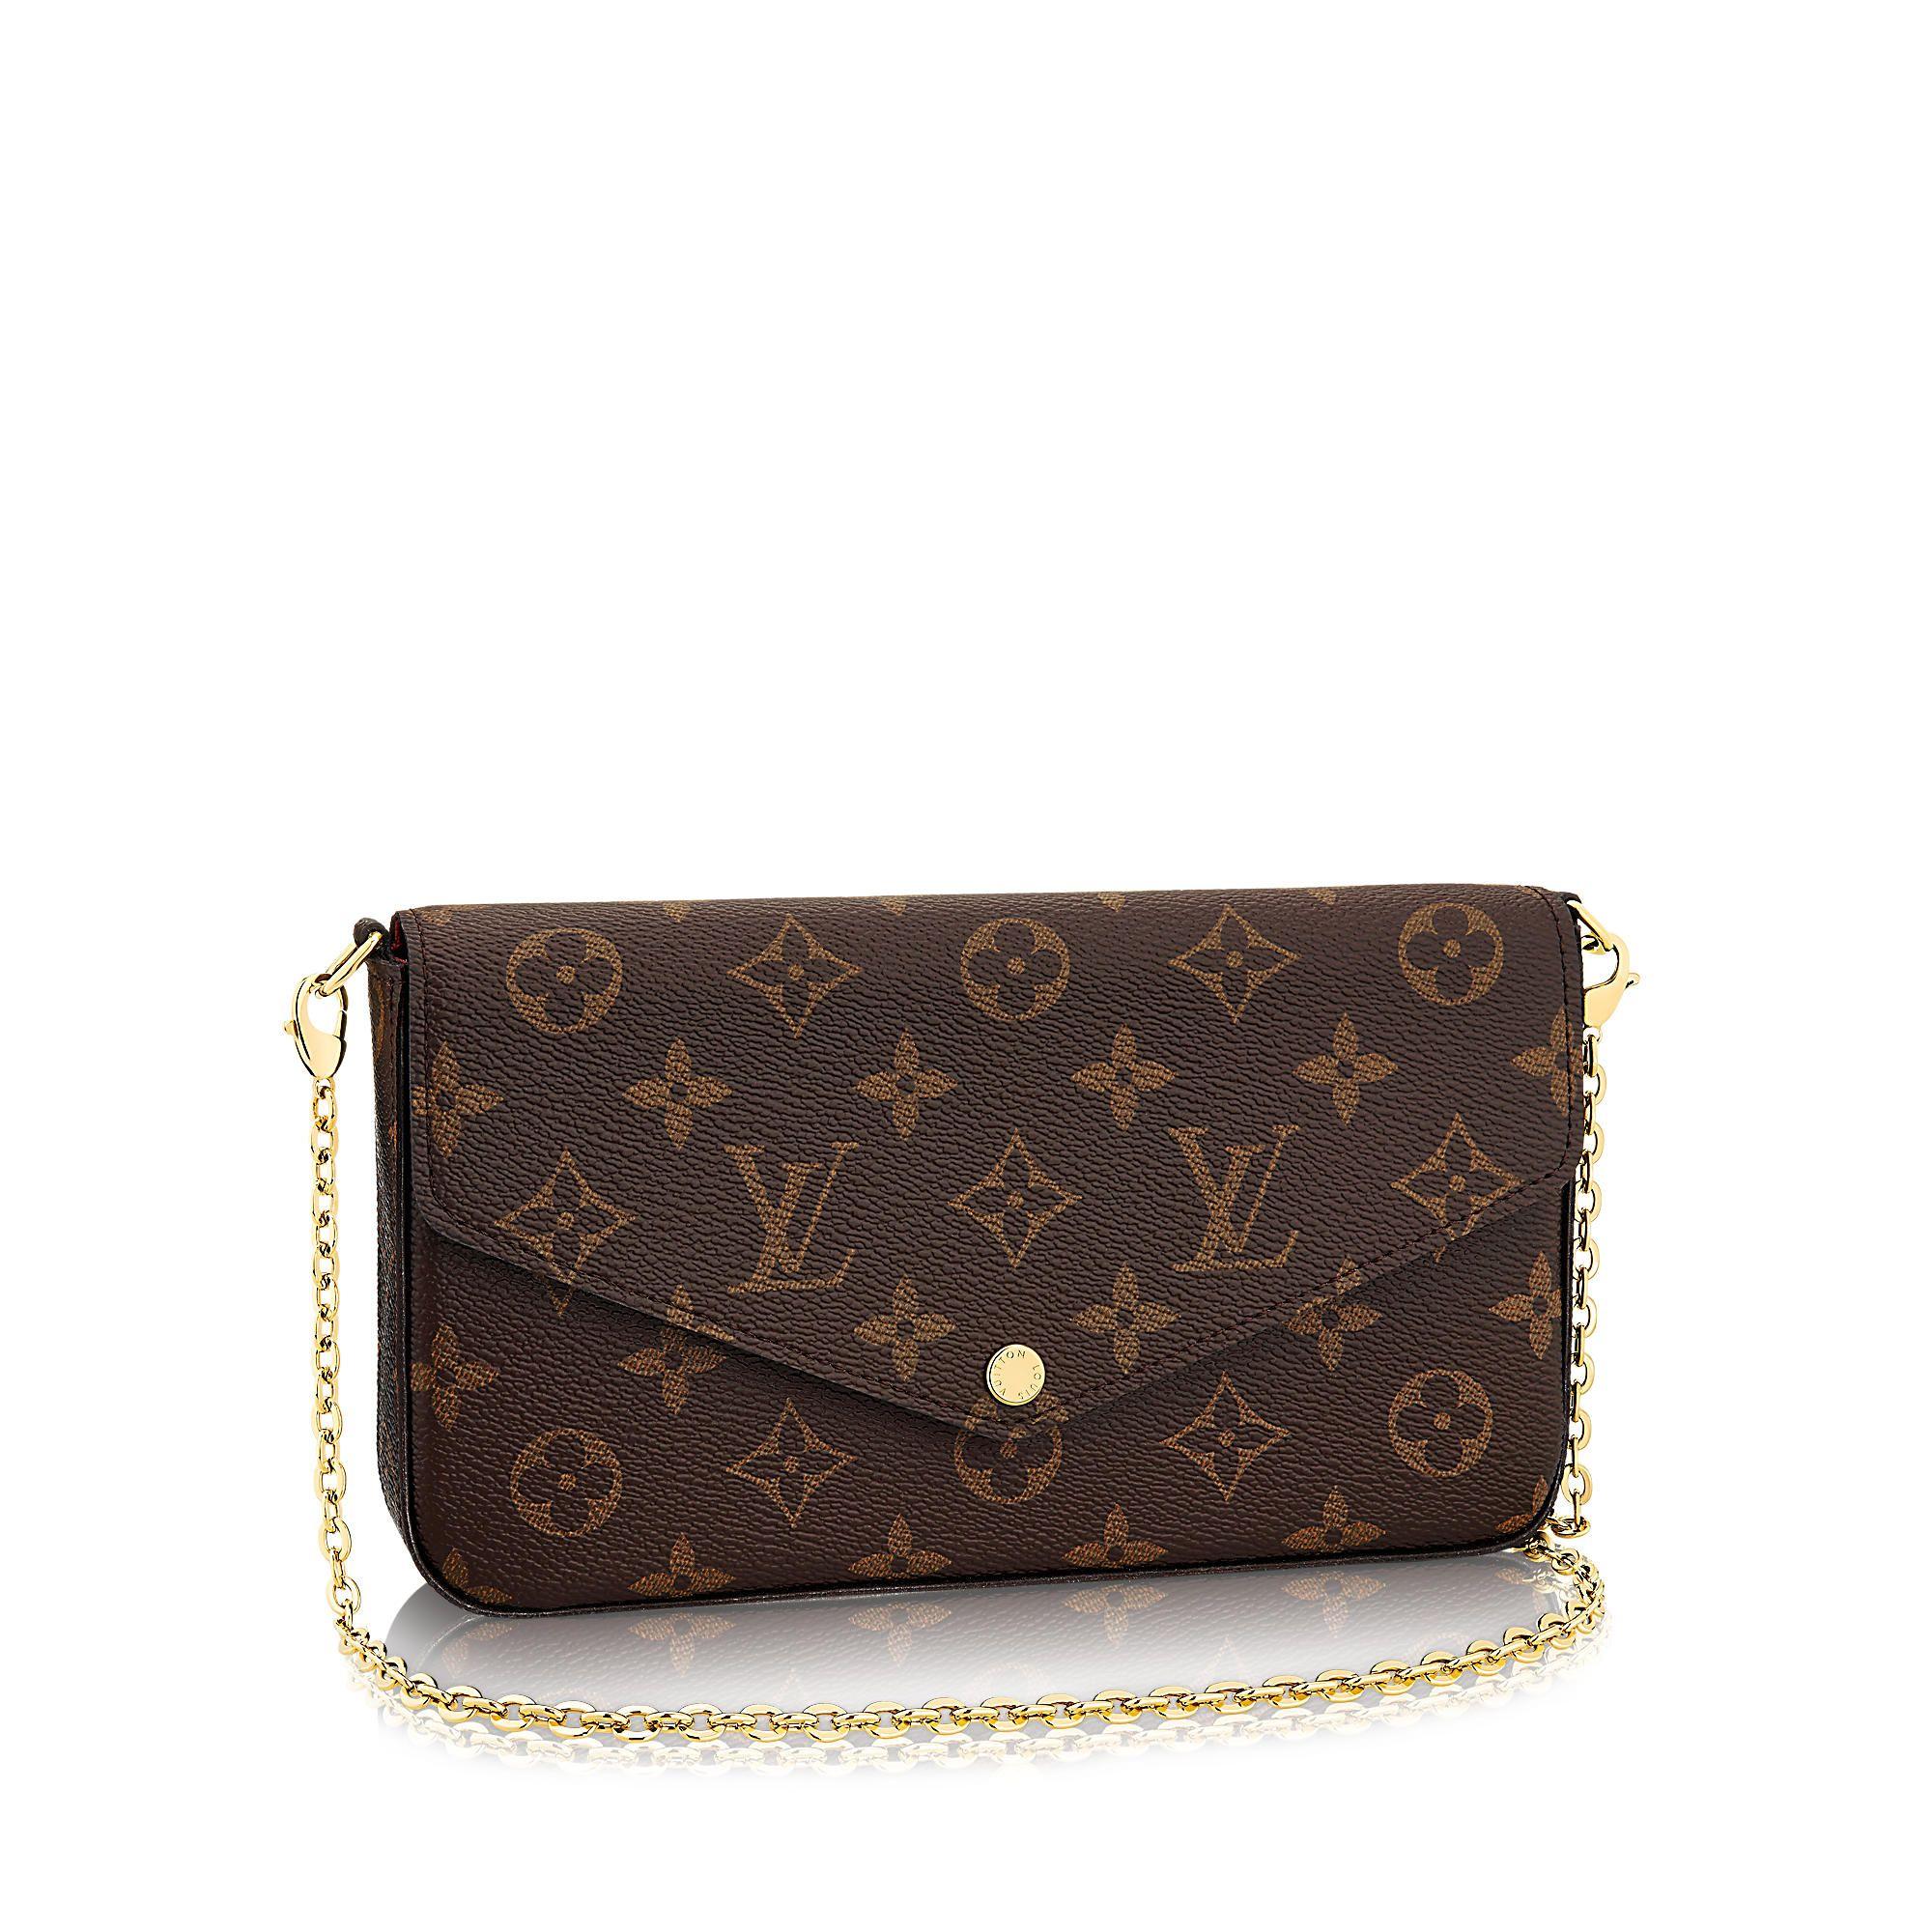 Pochette Felicie Louis Vuitton Handtaschen Louis Vuitton Taschen Und Damenhandtaschen